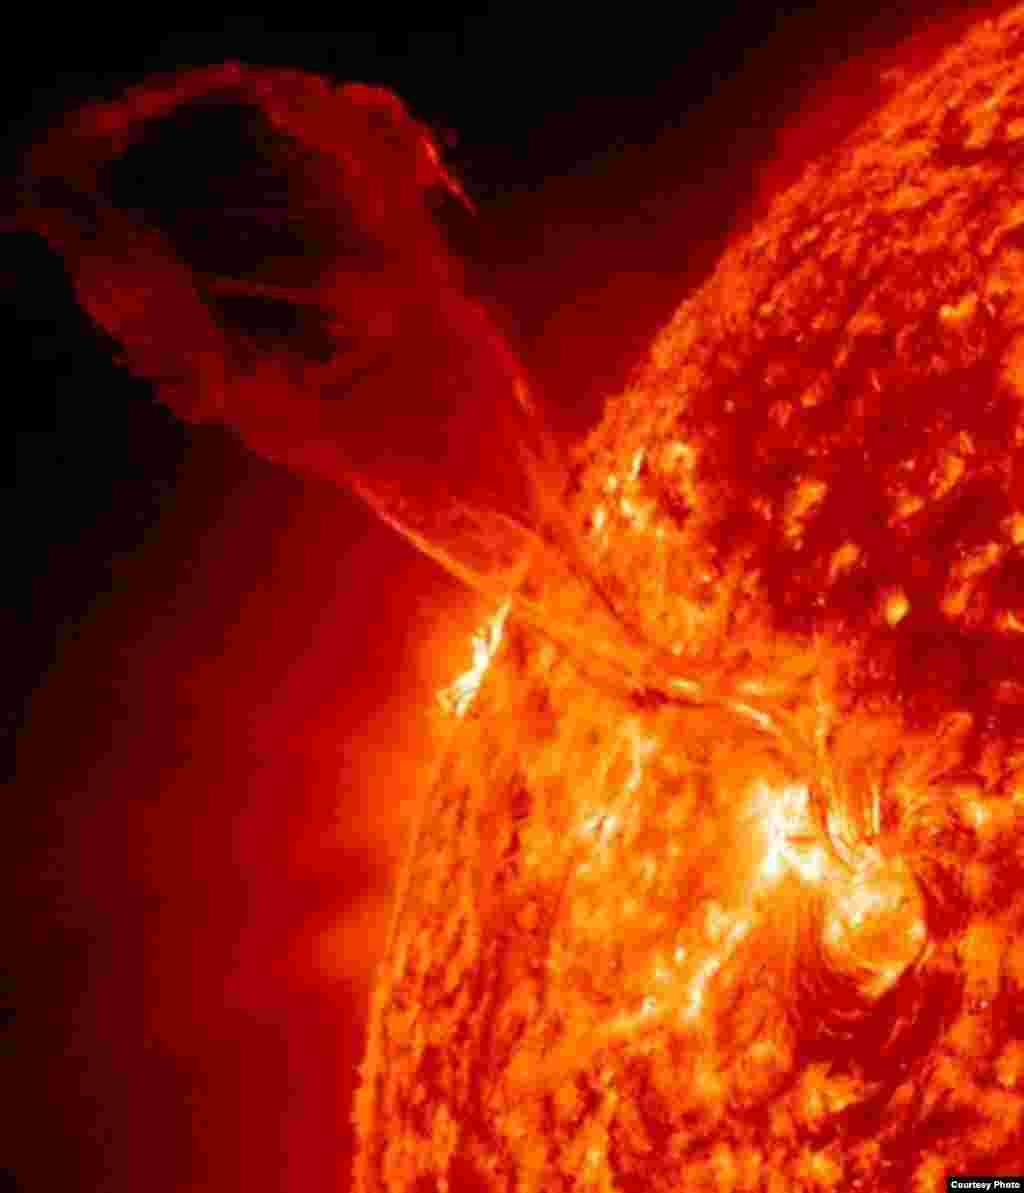 Ақпан айының басында магнит өрісі күшейіп, Күн бетінде айдаһардың құйрығына ұқсас құйын пайда болды. НАСА обсерваториясының суреті.